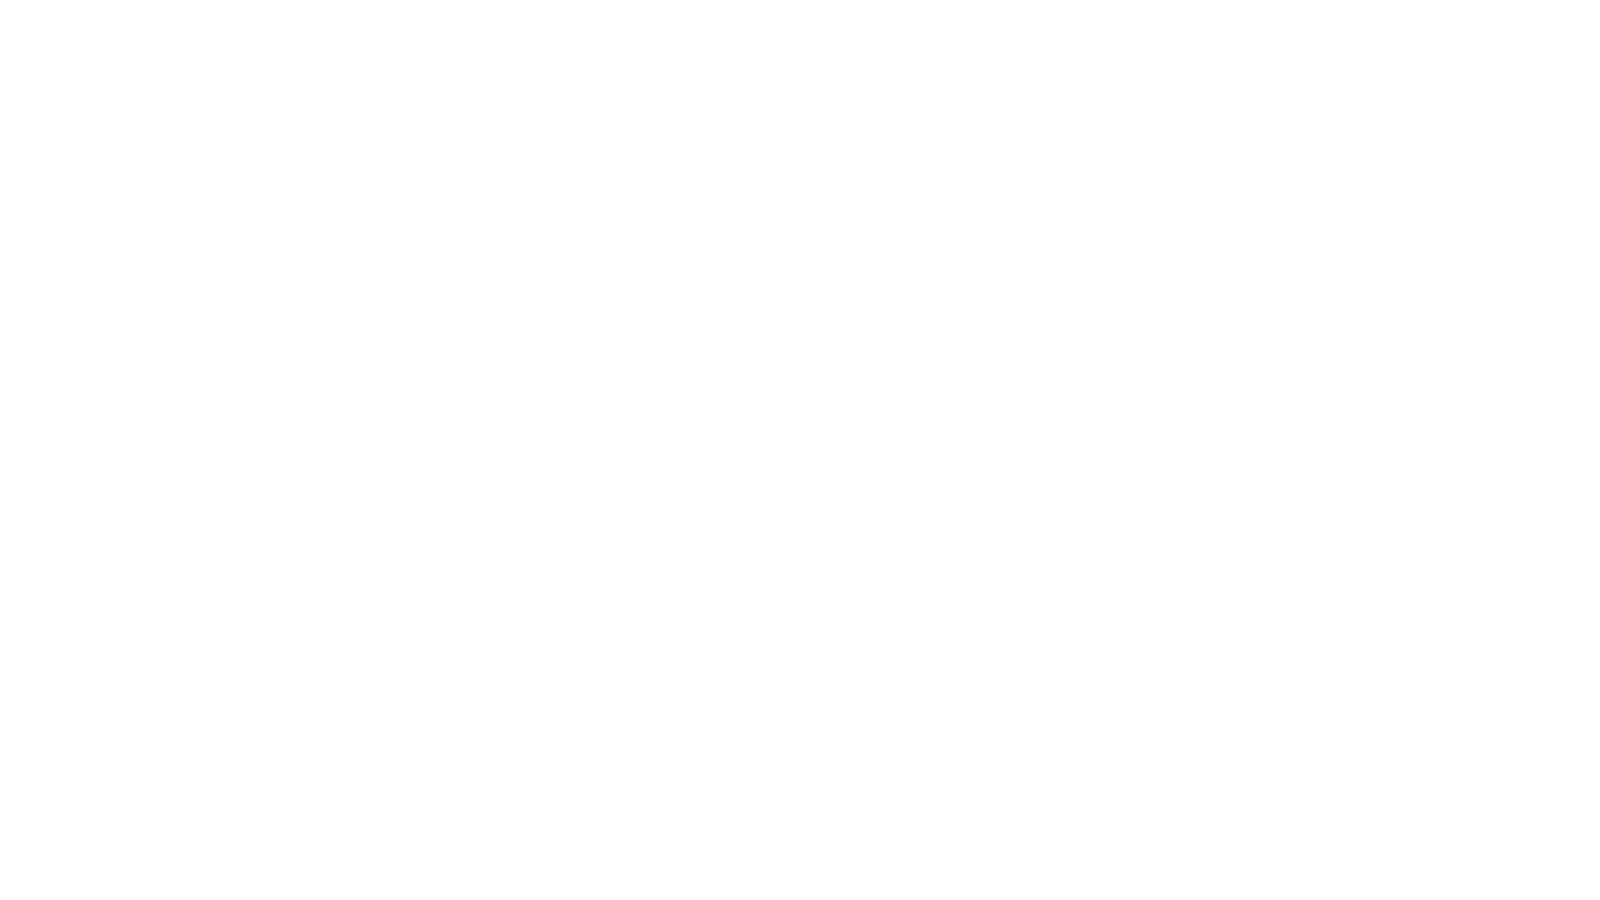 Το pearl clay είναι διάφανο gel μοντελοποίησης, το οποίο αναμιγνύετε με διάφορες χρωματιστές πέρλες. Στεγνώνει μόνο του μετά από 2- 24 ώρες.  Είναι ιδανικό για την διακόσμηση διάφορων αντικειμένων όπως ξύλο, πολυστερίνη, συμπιεσμένο χαρτί, terracotta κά.  Eίναι μια νέα αυτο-σκληρυντική σύνθεση μοντελοποίησης που αποτελείται από μαργαριτάρι πλαστικές χάντρες που αναμιγνύονται με διαφανές τζελ μοντελοποίησης πριν από τη χρήση. Πλήρως ξήρανση με αέρα και απλό στη χρήση, είναι ιδανικό για κάλυψη και μοντελοποίηση γύρω από διάφορες επιφάνειες, όπως ξύλο, μπισκότο ή χαρτόνι, ή χρησιμοποιείται από μόνη της.   Our E-Commerce (e-shop) Website: www.nicolaoucraft.com.cy